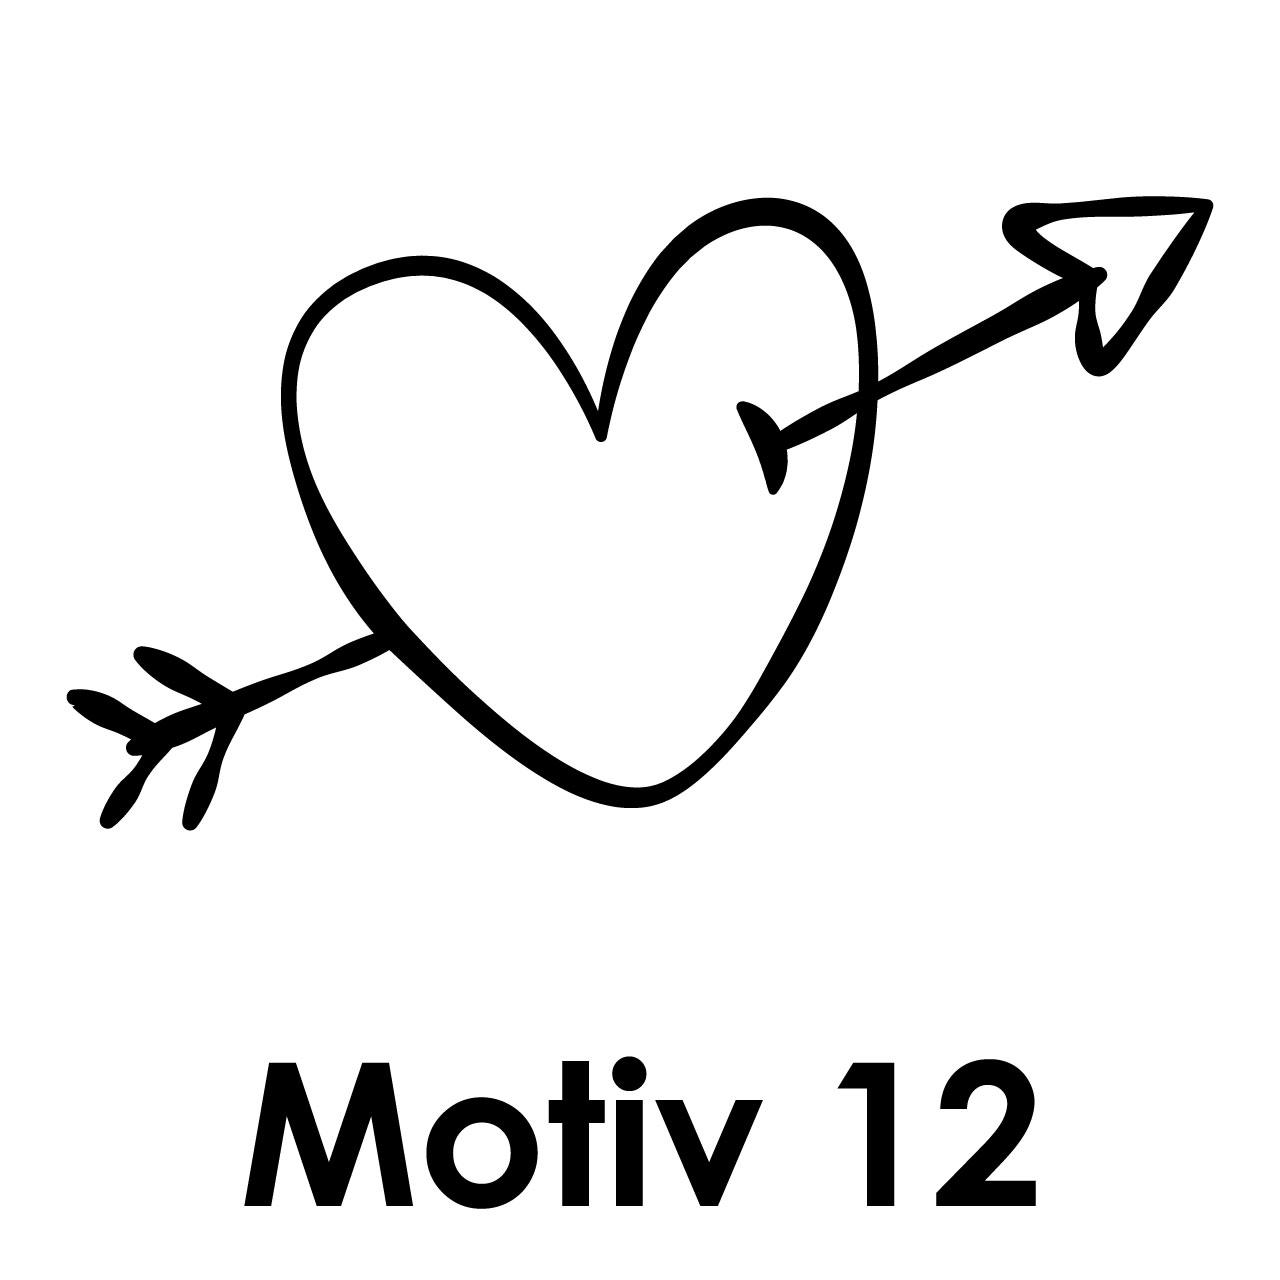 Motiv12